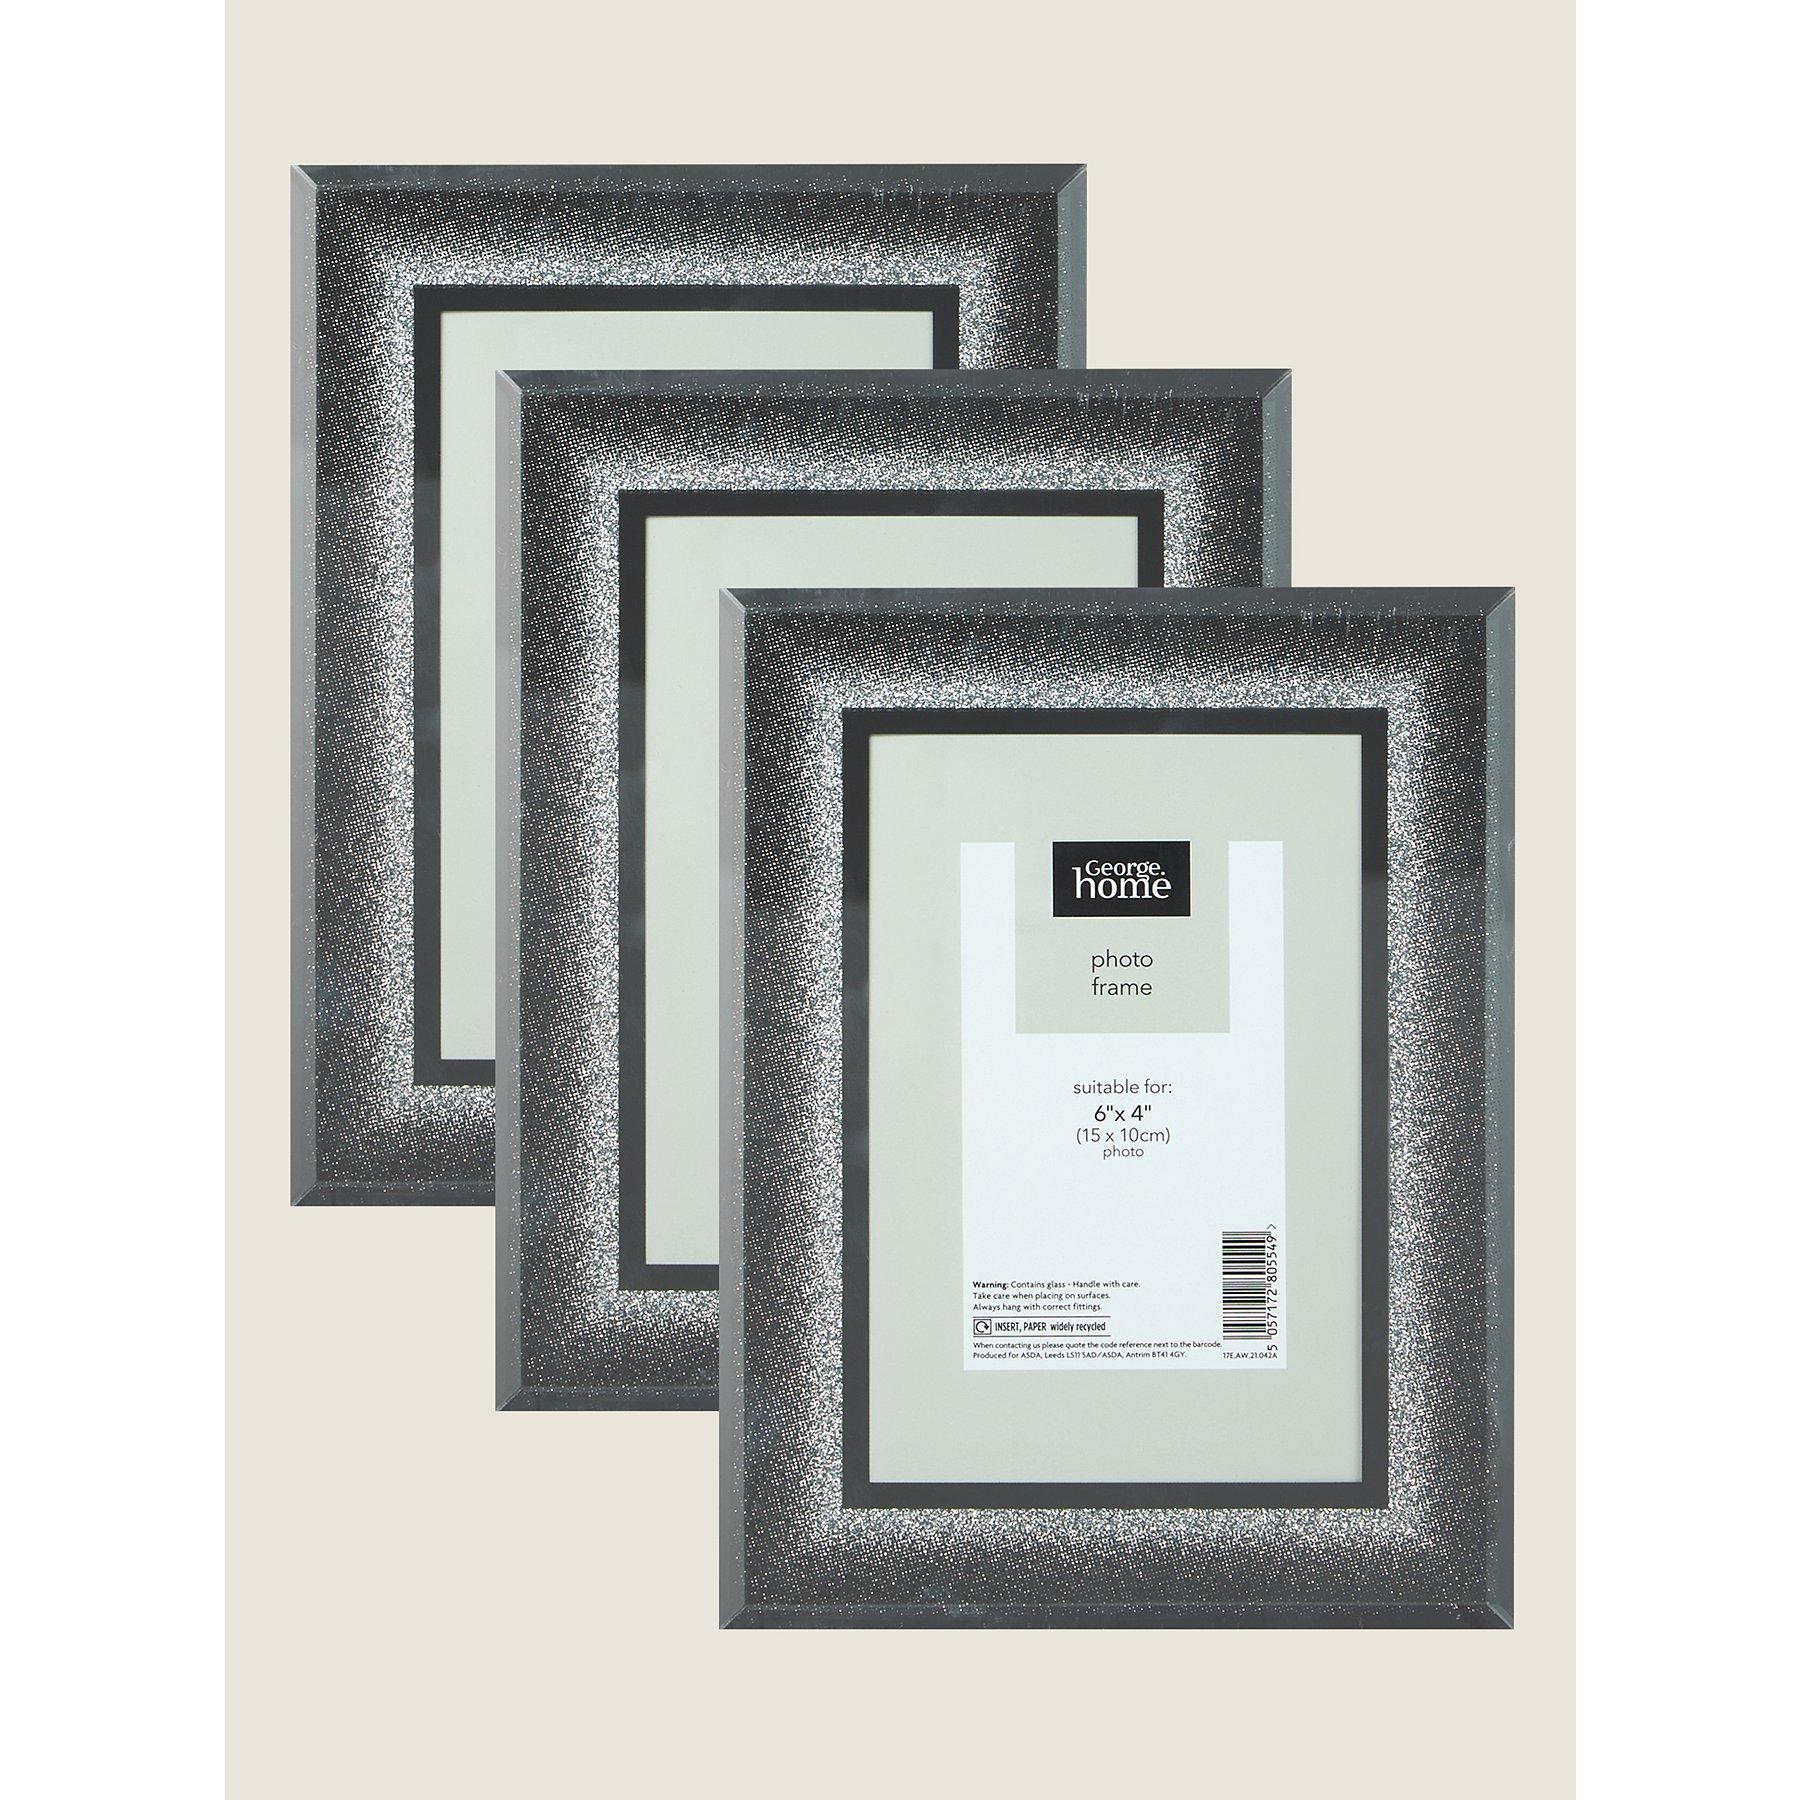 asda black glitter photo frame. Black Bedroom Furniture Sets. Home Design Ideas